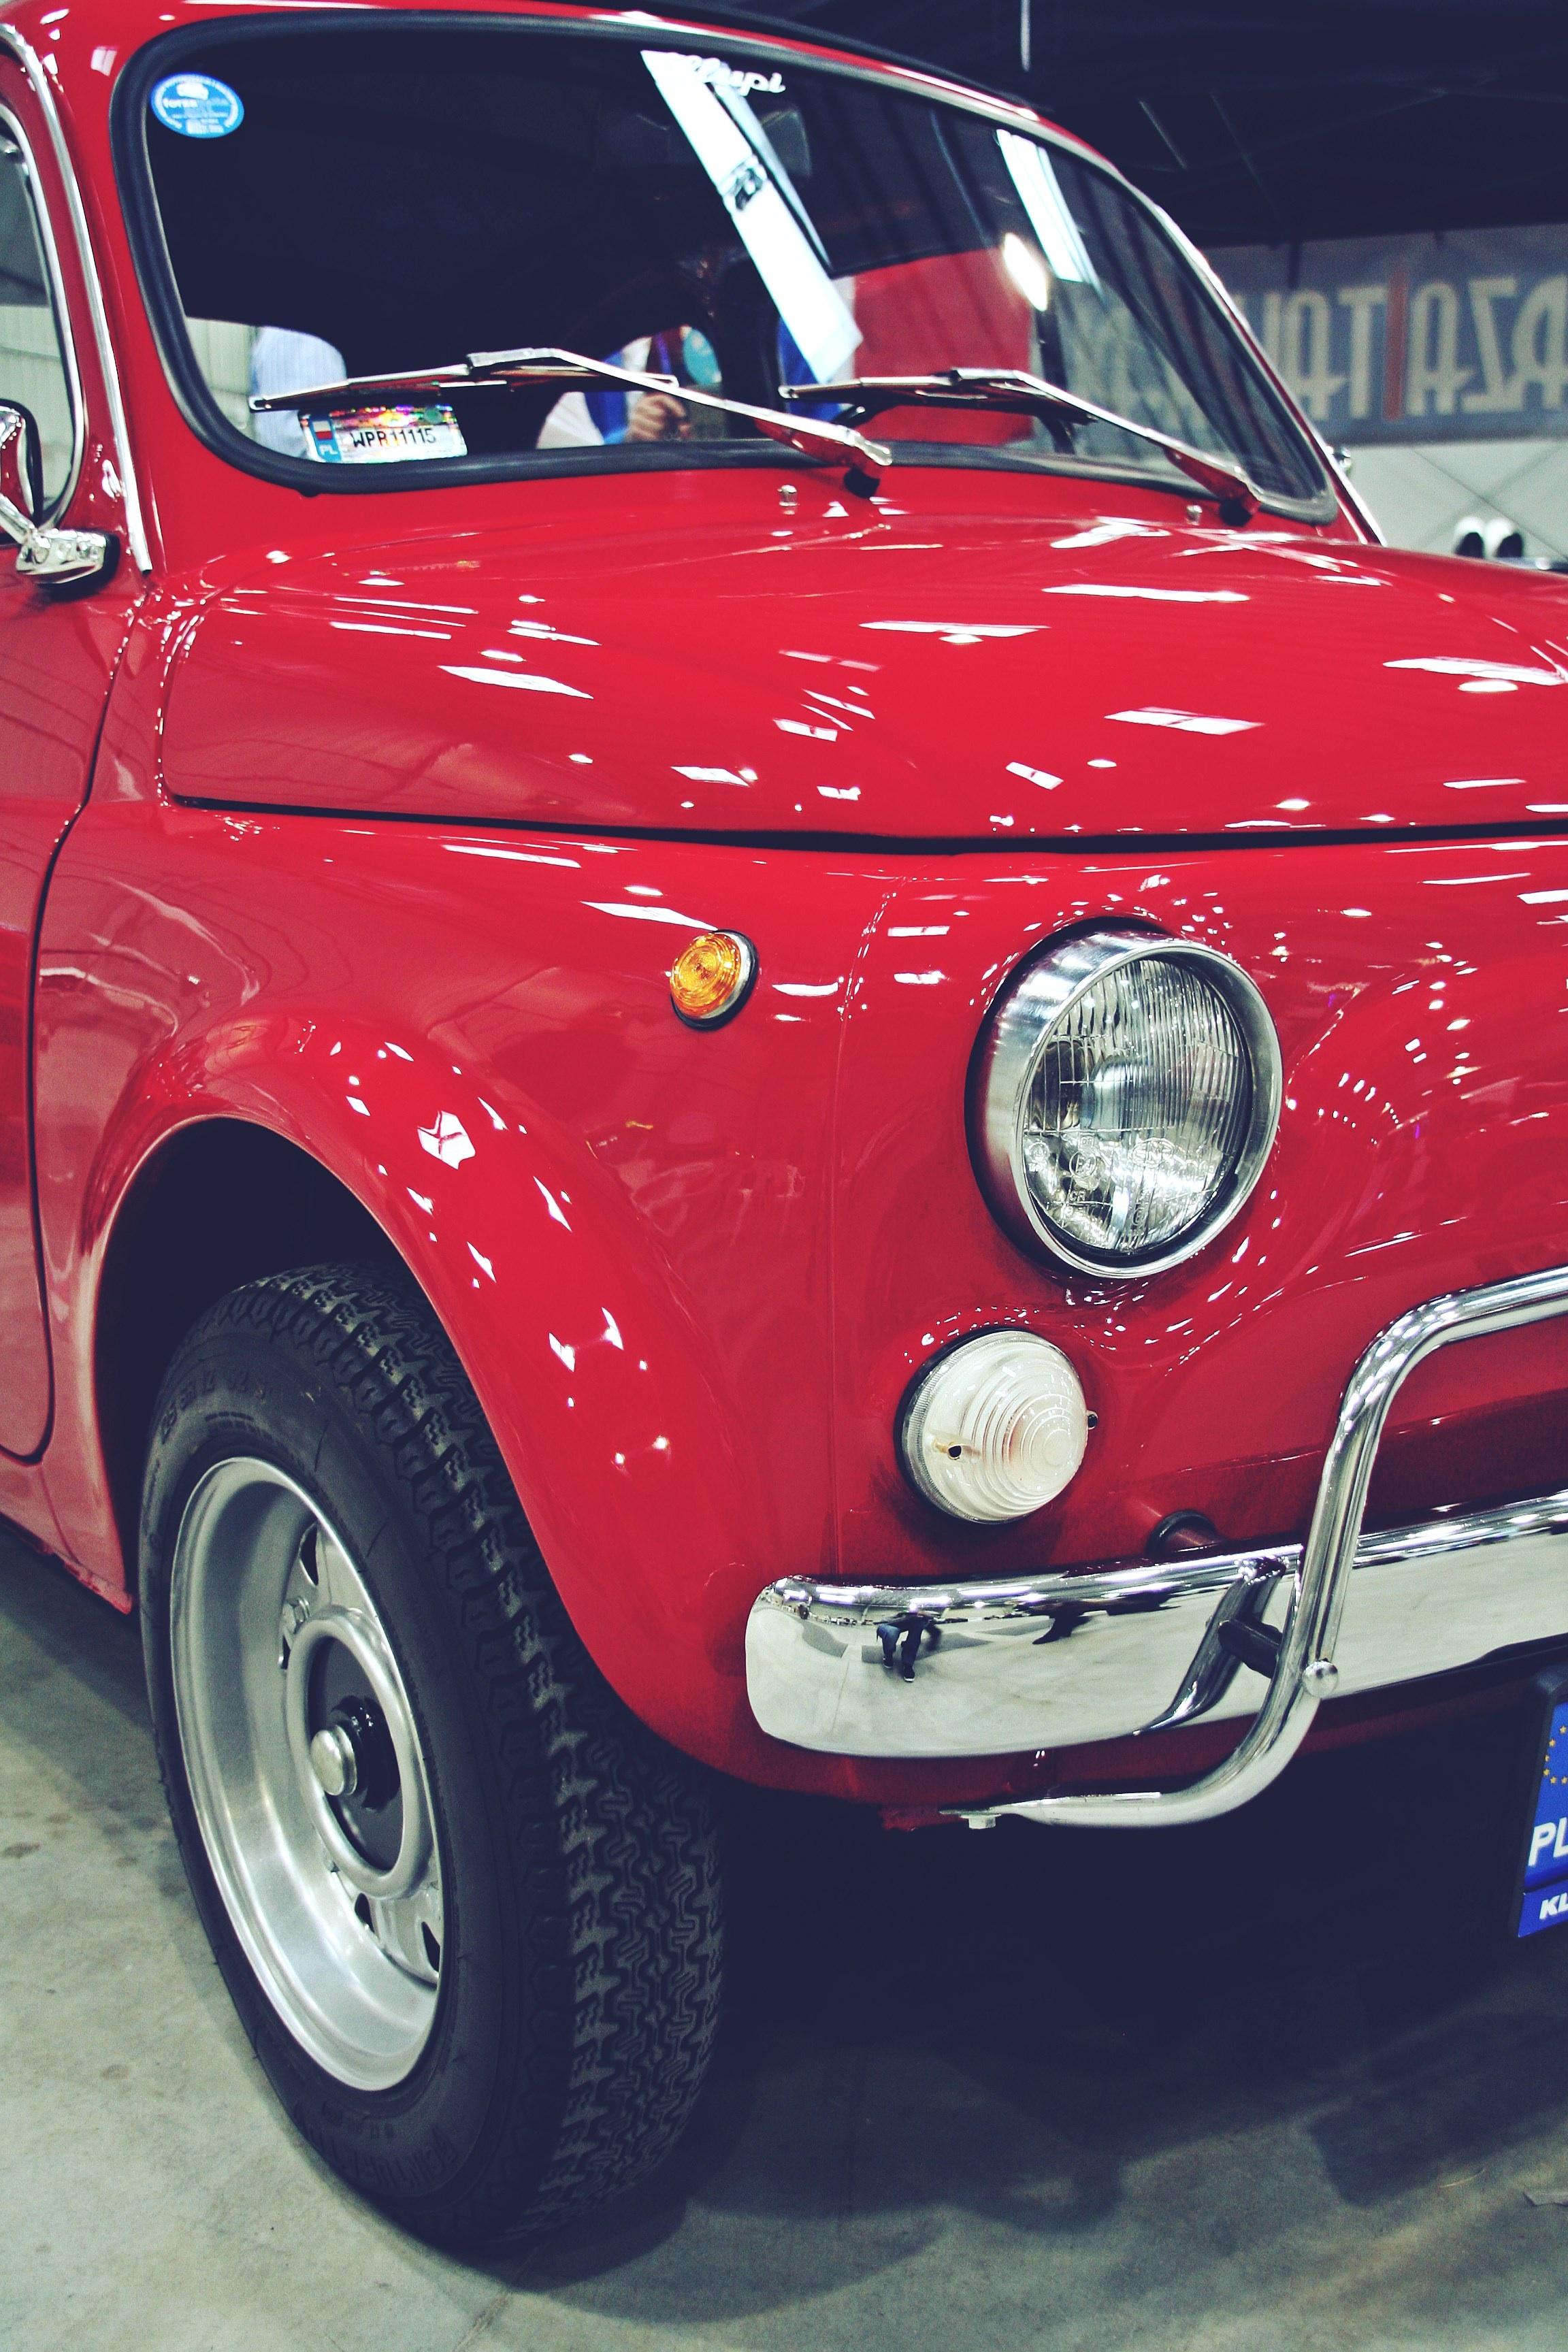 Free Images : vintage car, antique car, city car, land vehicle ...